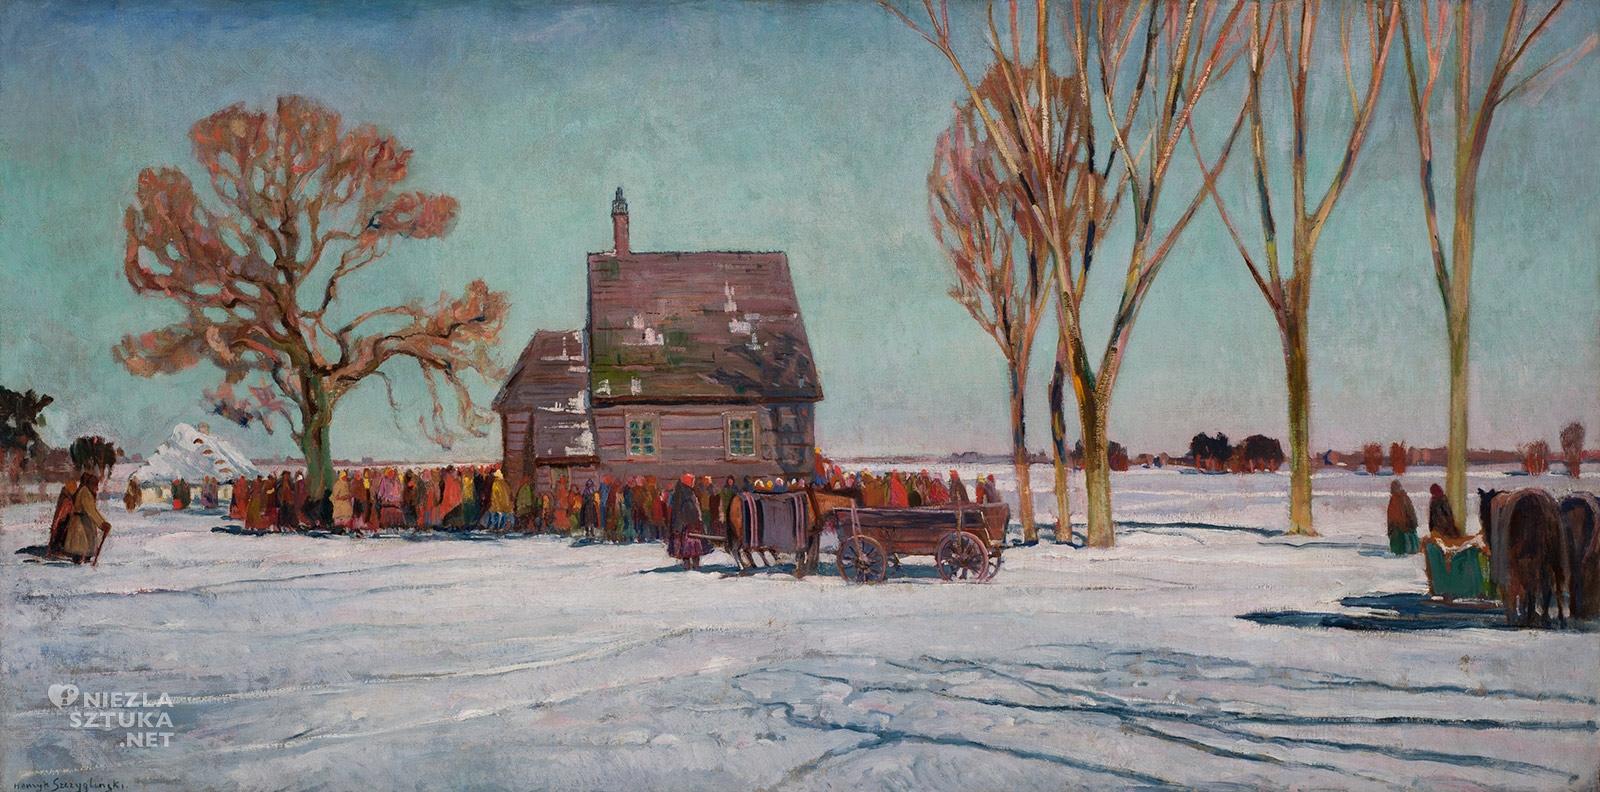 Henryk Szczygliński, Krajobraz zimowy, pejzaż, zima, Niezła sztuka